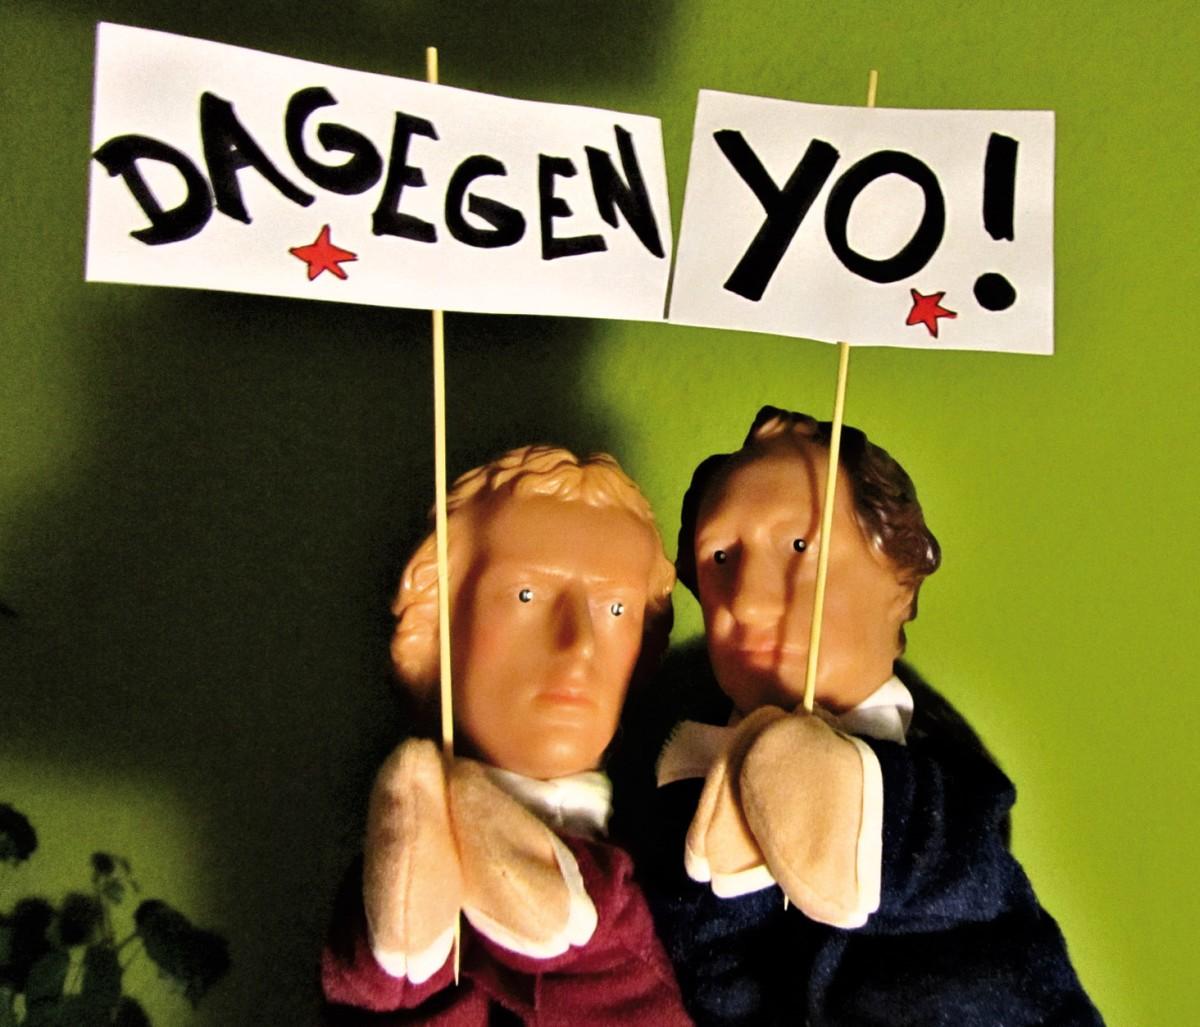 Dagegen Yo